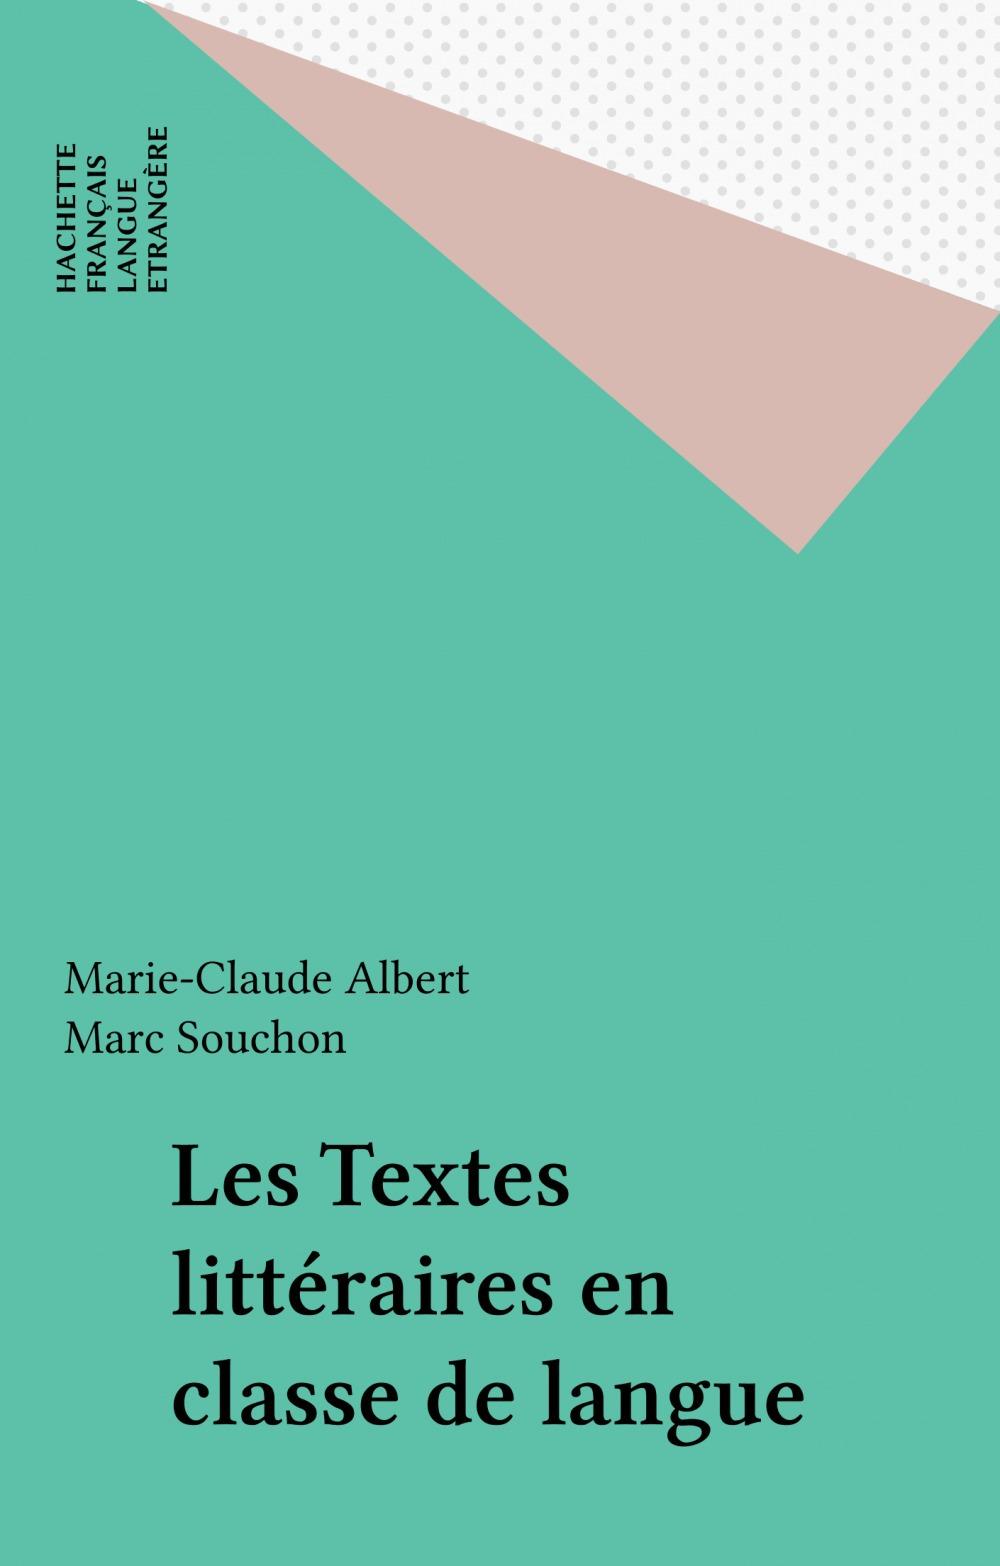 Marie-Claude Albert Les Textes littéraires en classe de langue